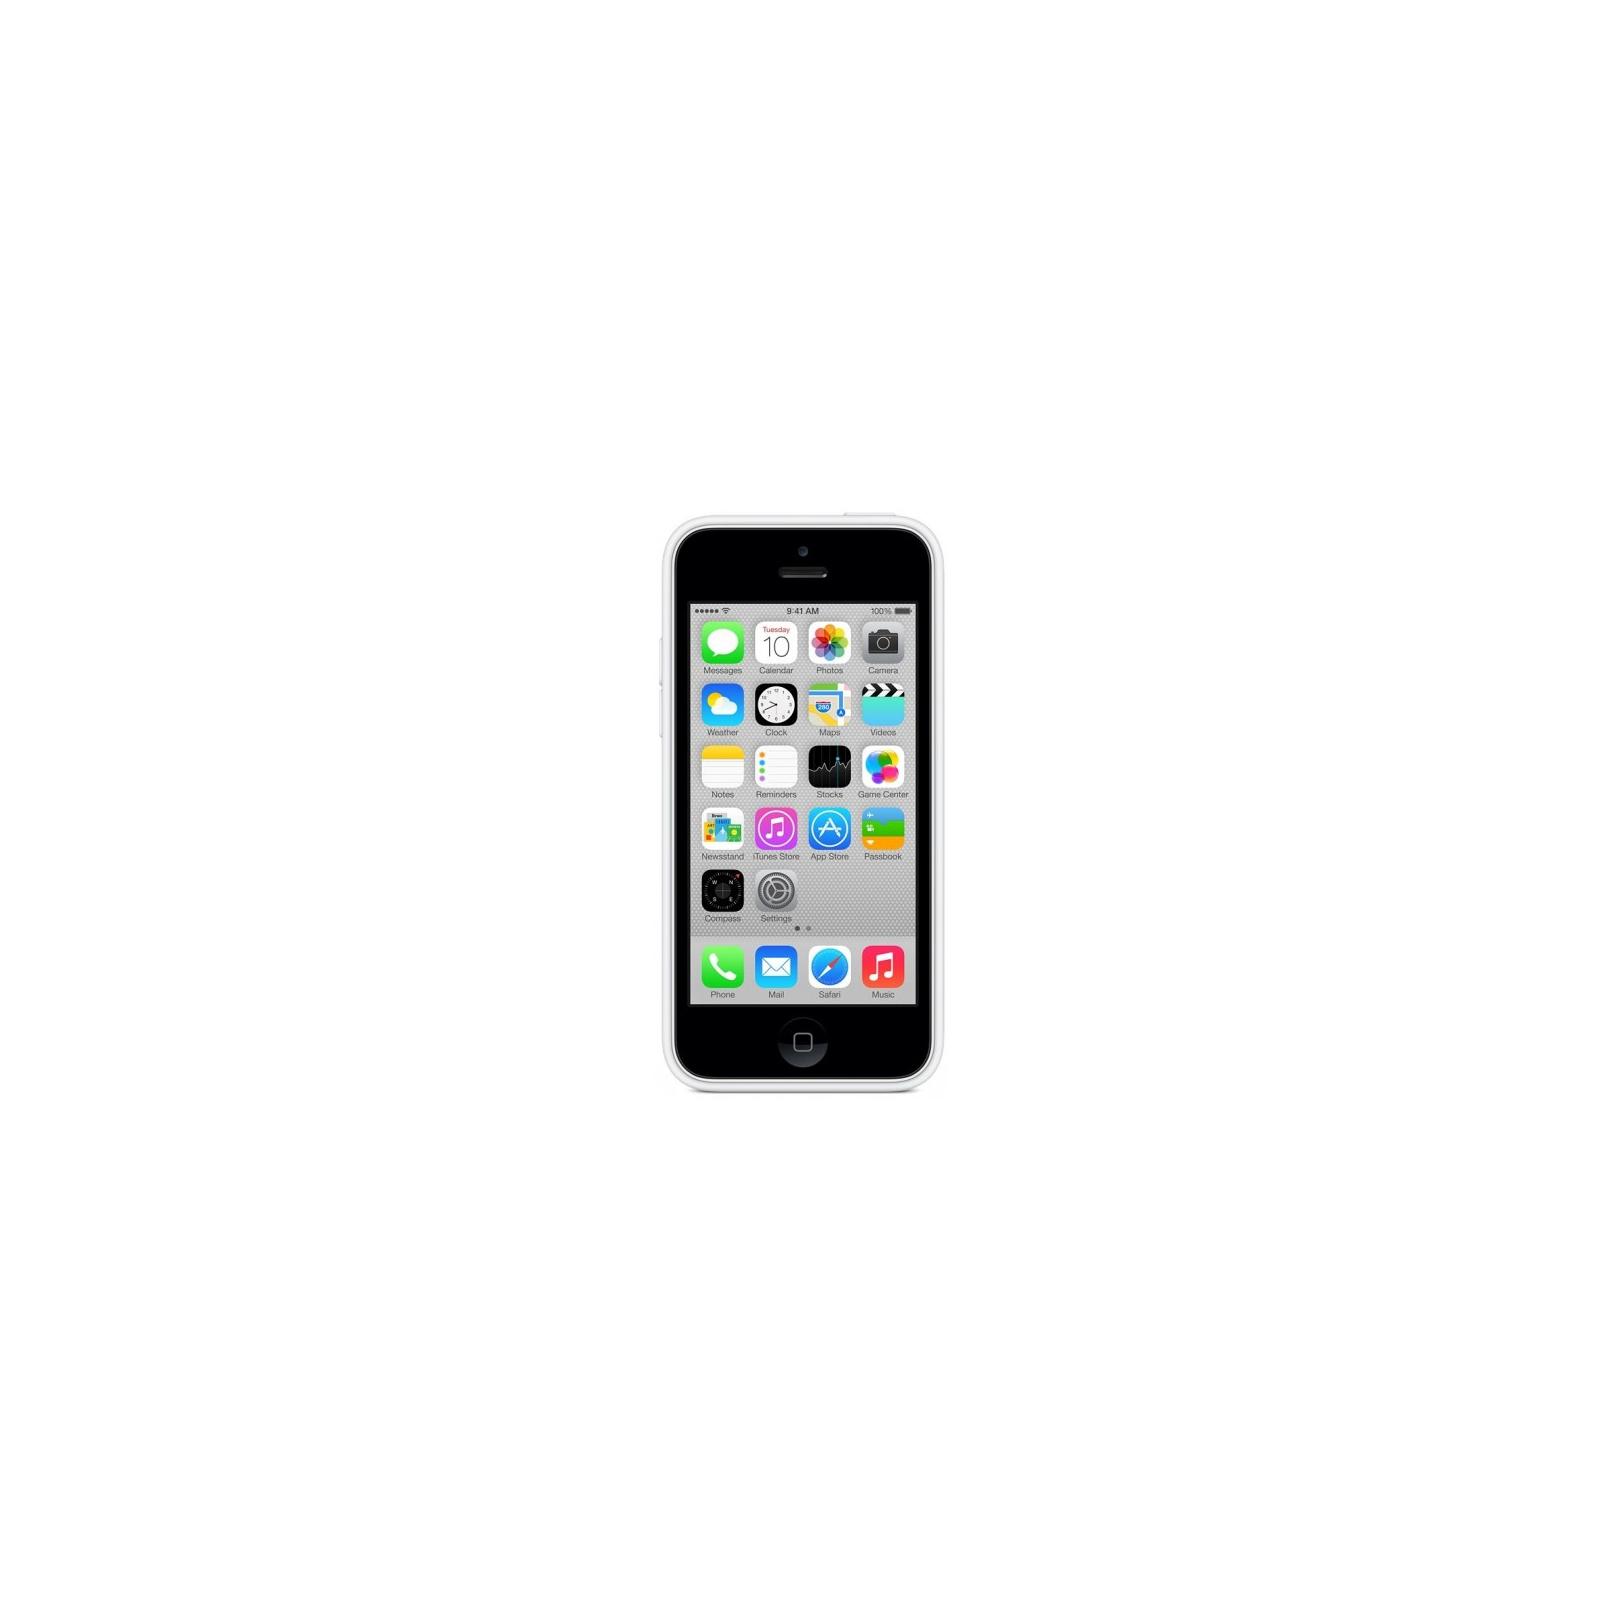 Чехол для моб. телефона Apple для iPhone 5c white (MF039ZM/A) изображение 4